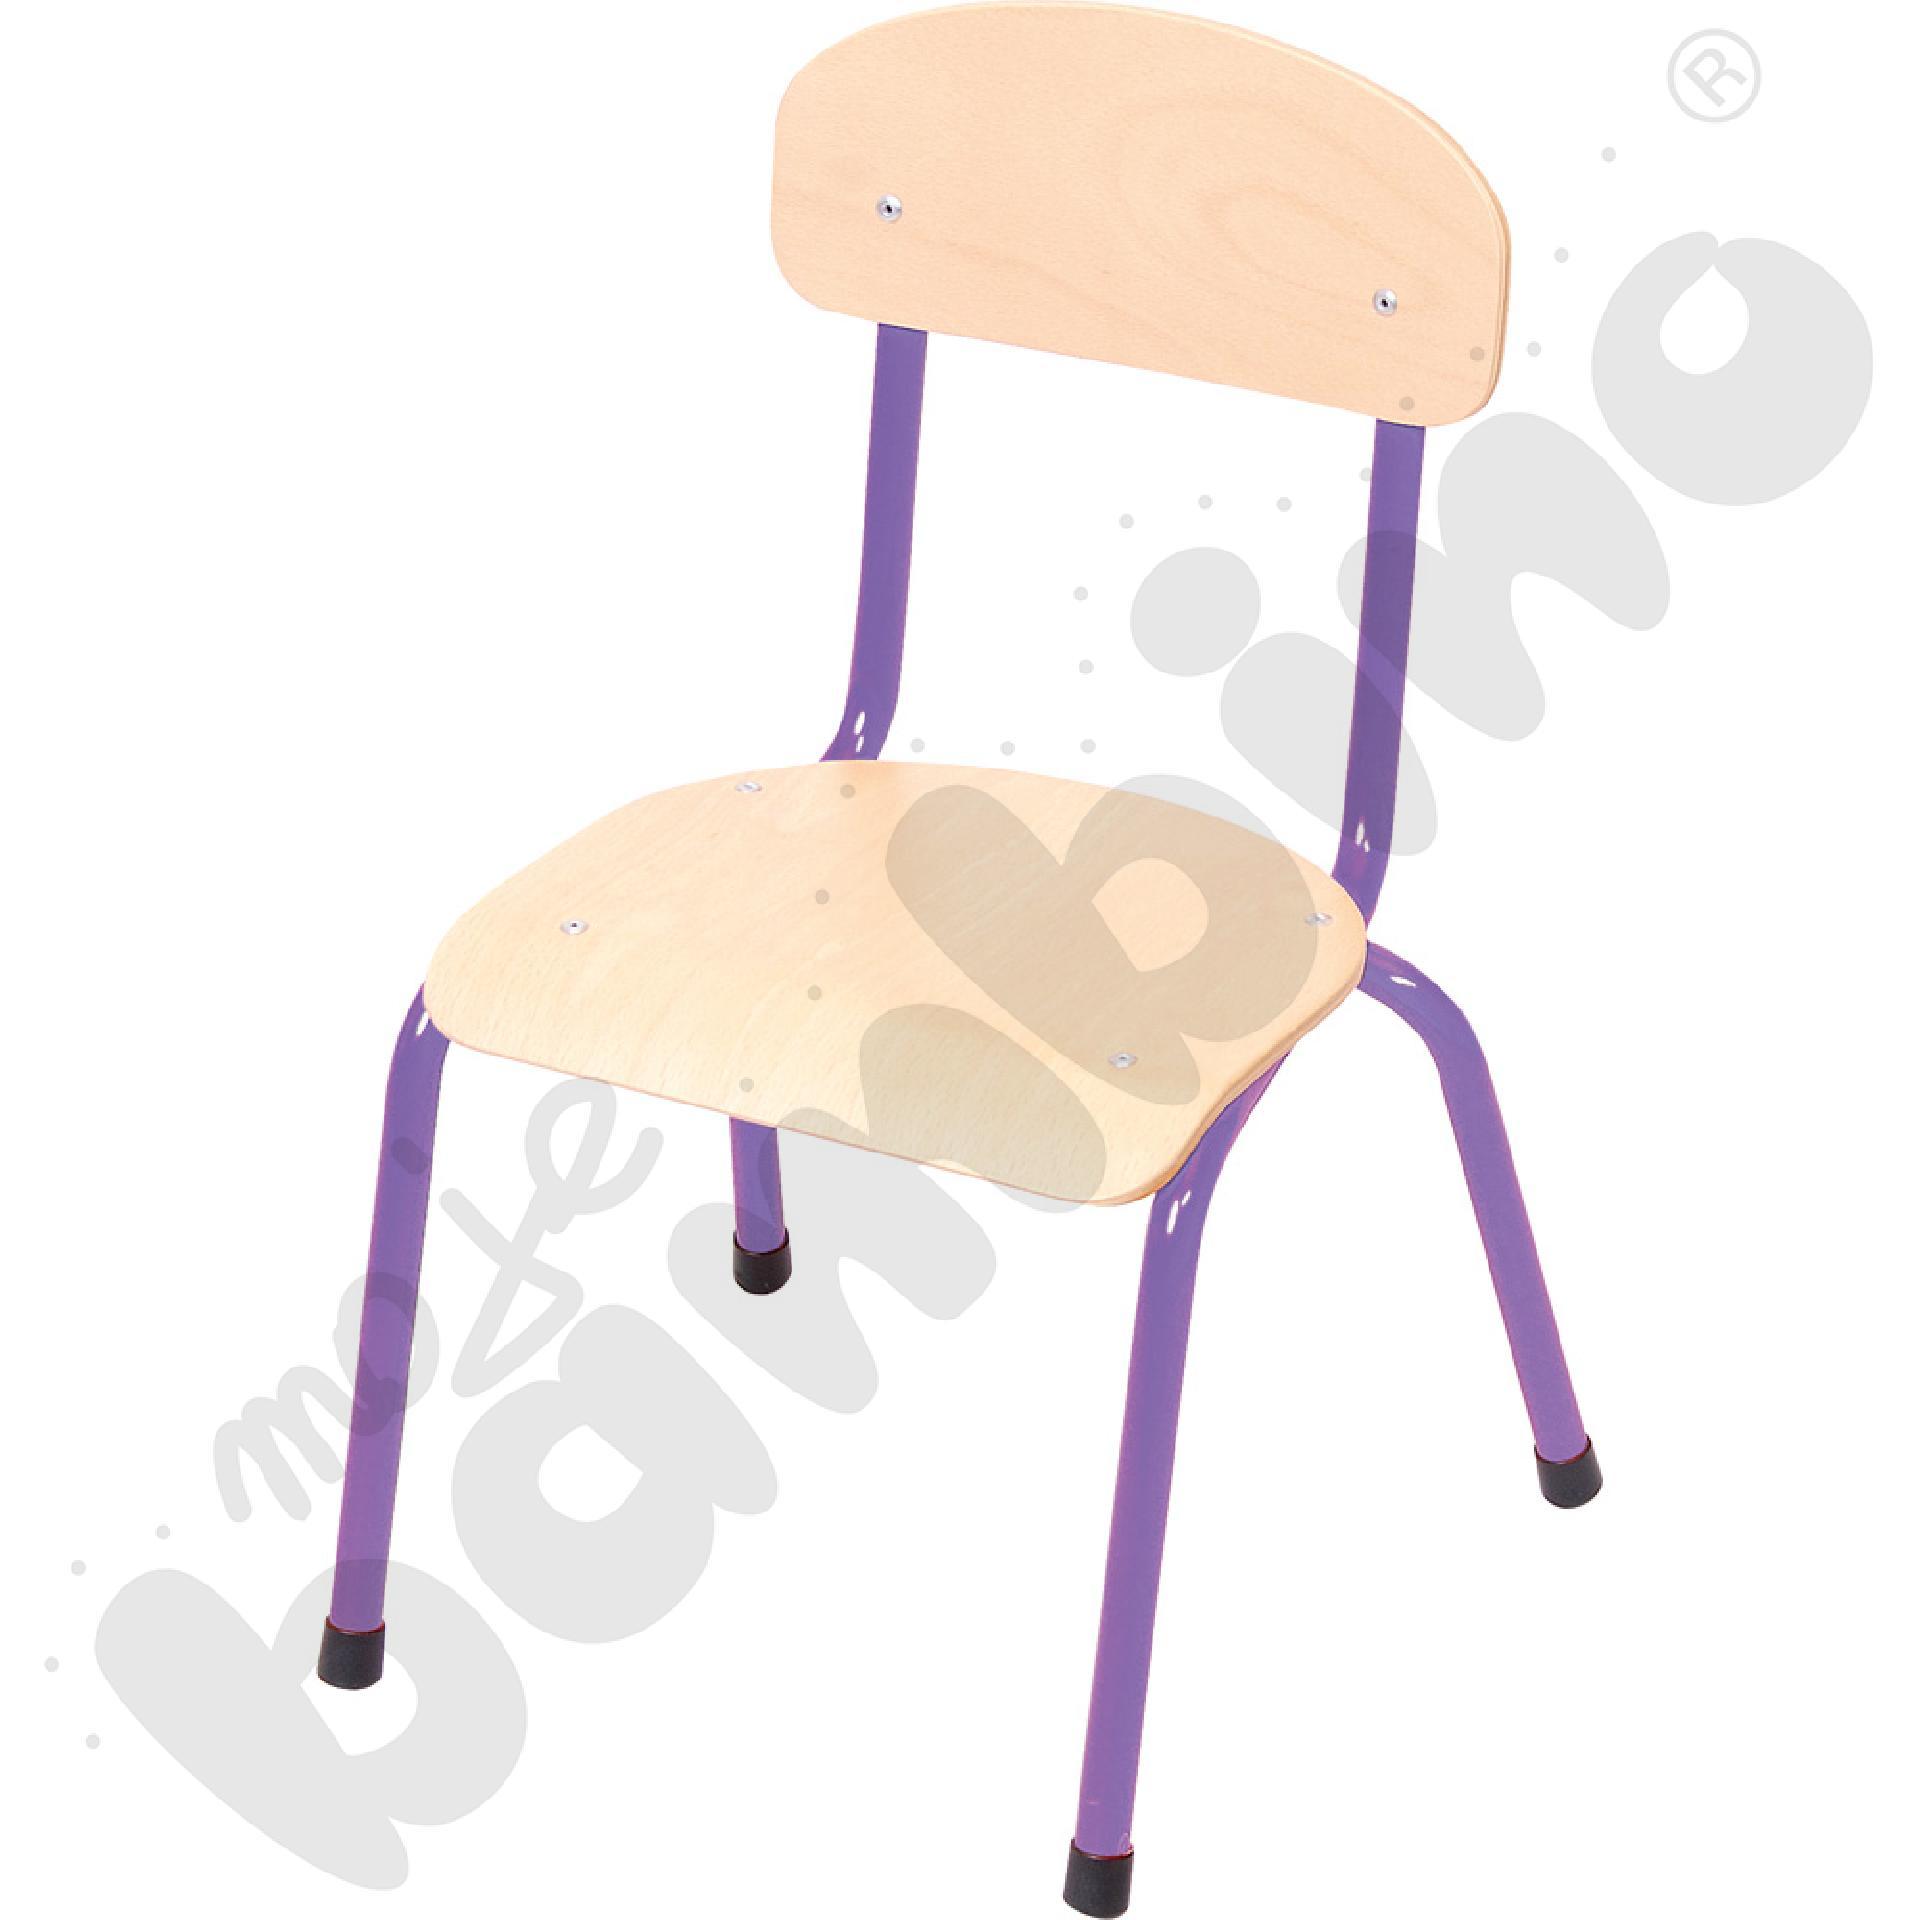 Krzesło Bambino rozm. 1 fioletowe